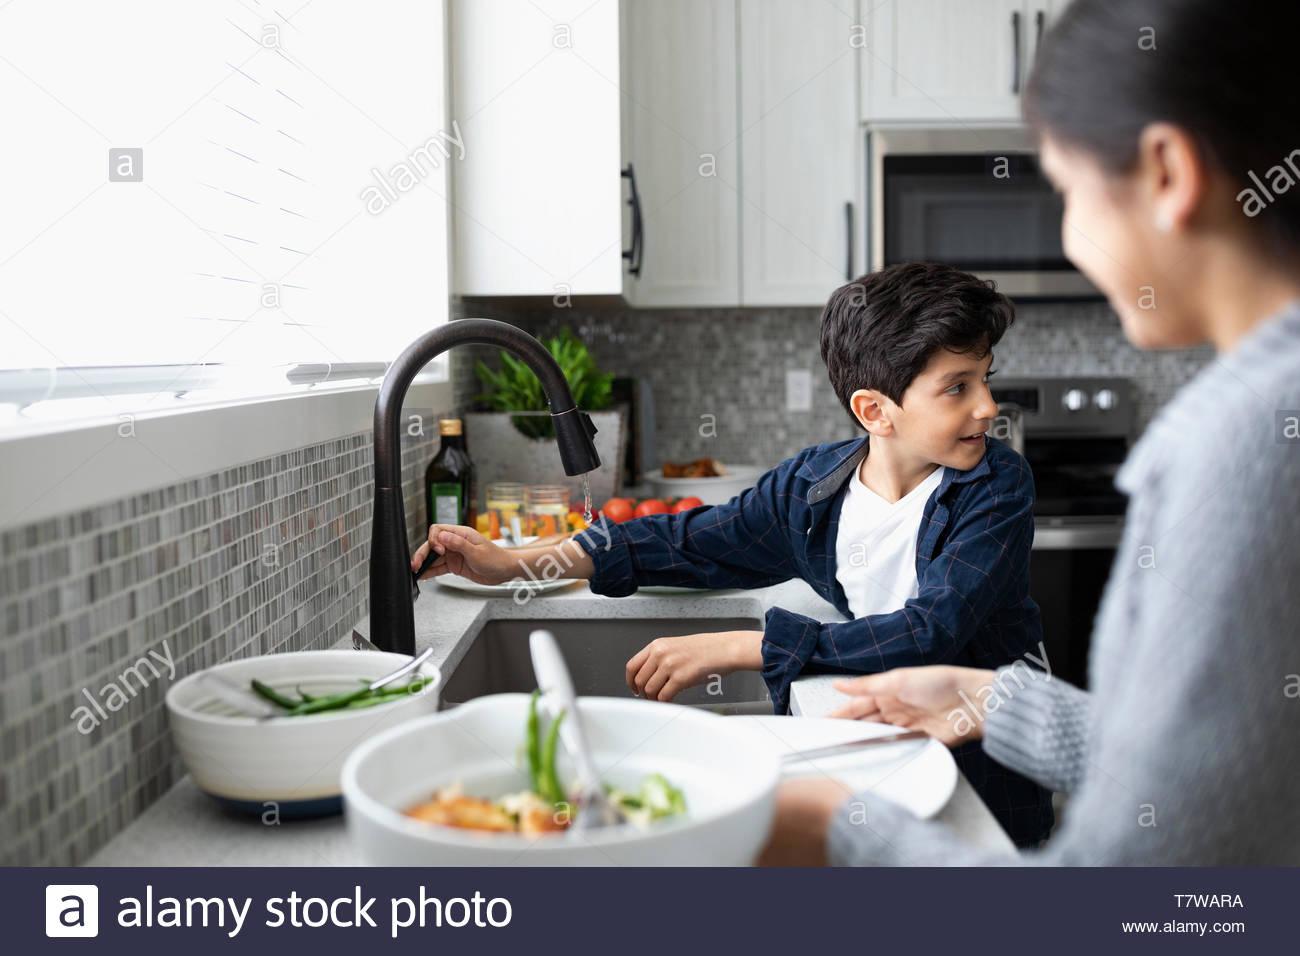 Bruder und Schwester tun Gerichte im Spülbecken Stockbild